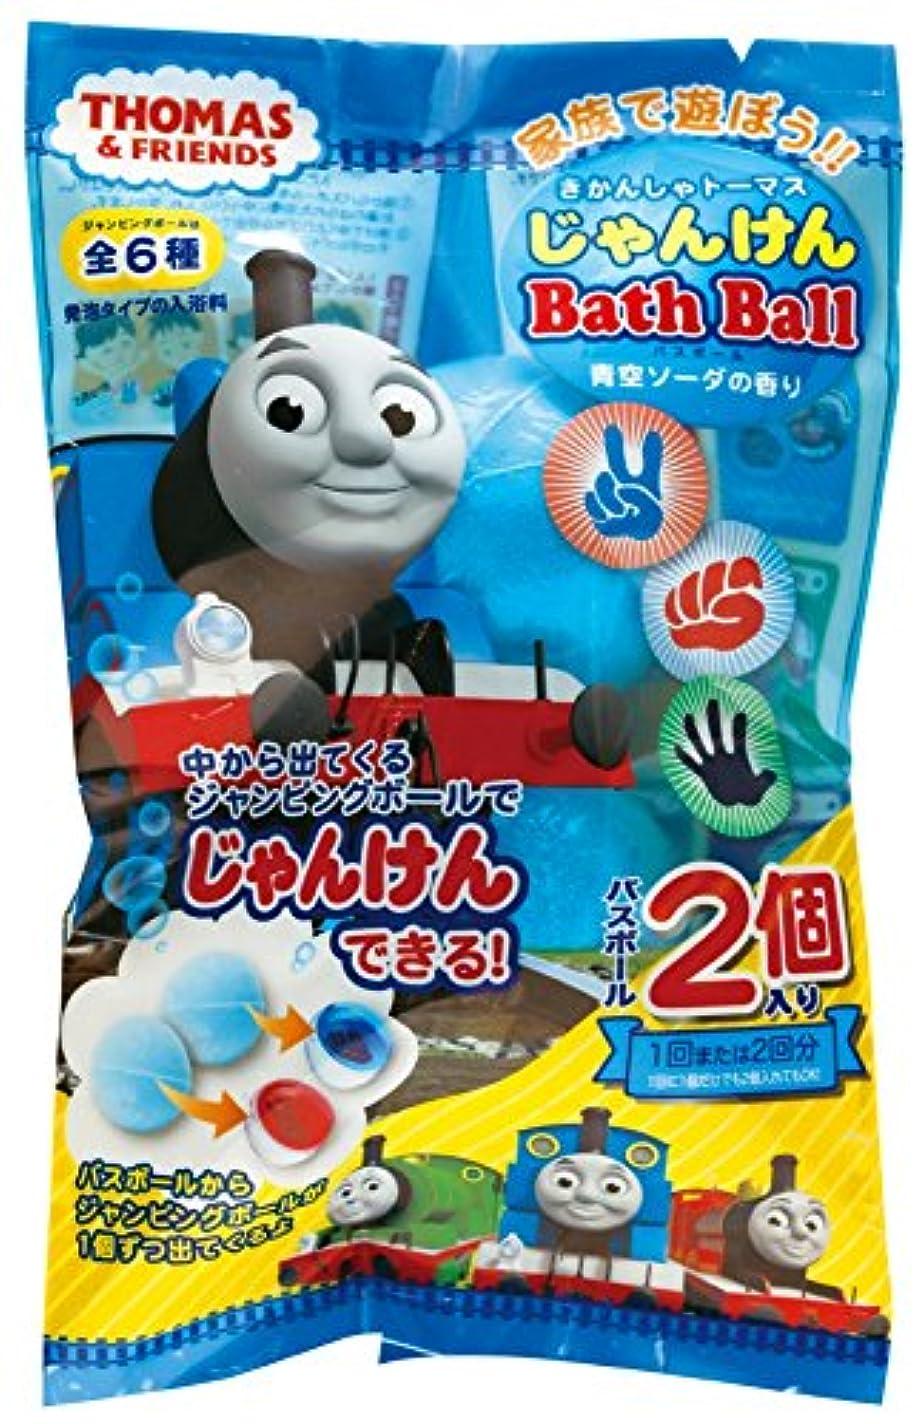 ベックスメダリスト恋人きかんしゃトーマス 入浴剤 じゃんけんバスボール 2個入り おまけ付き 青色ソーダの香り OB-TOB-4-1